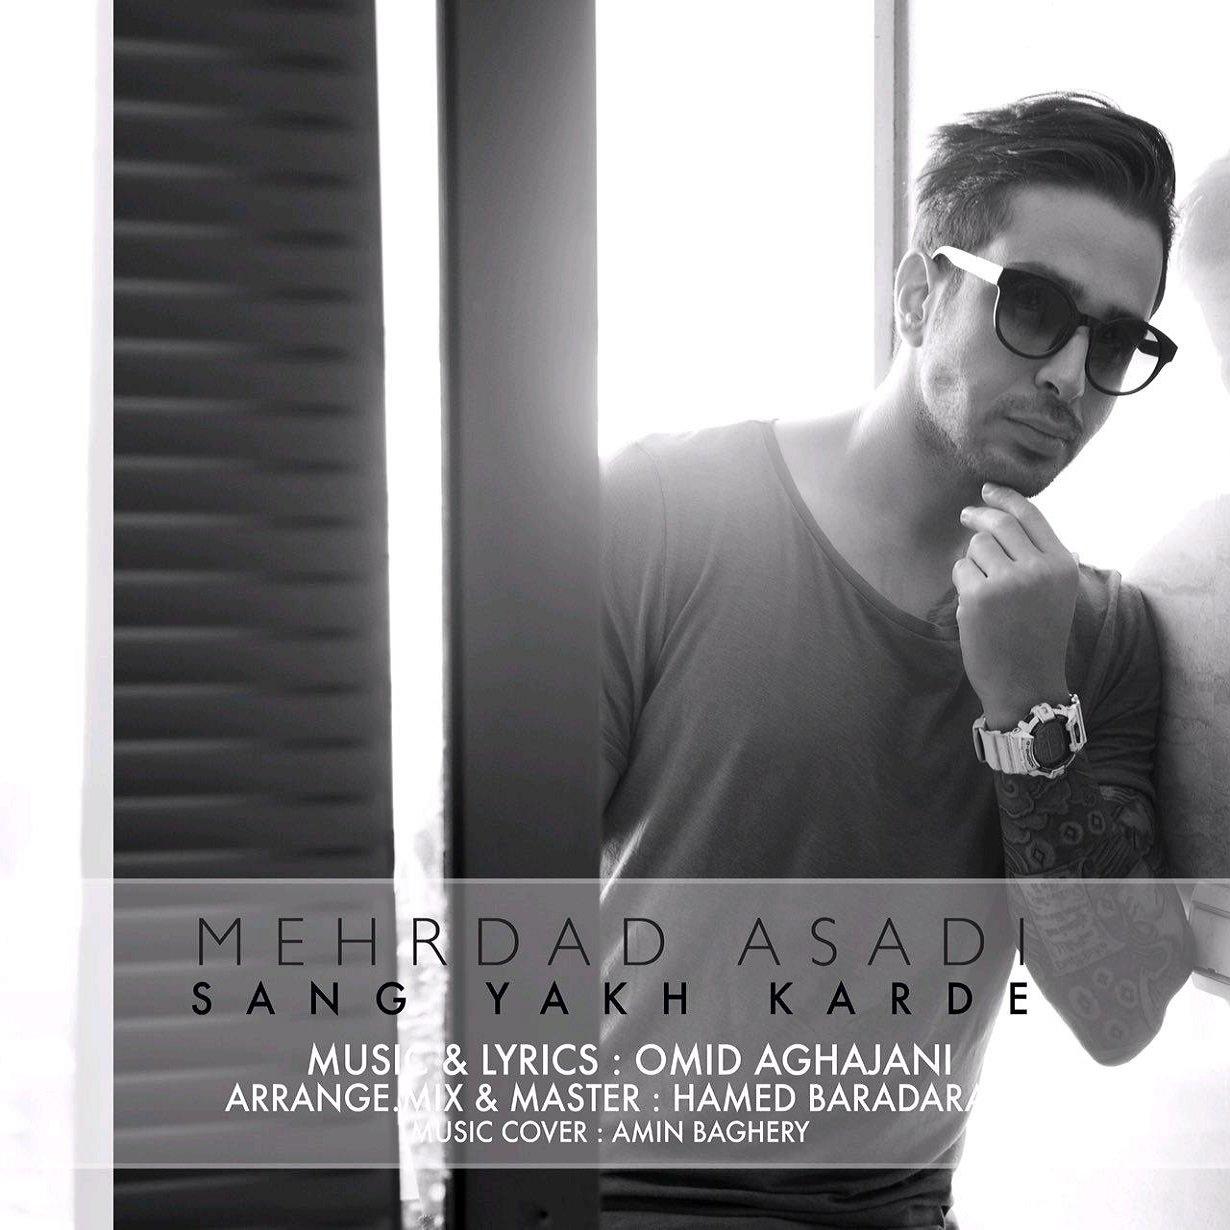 Mehrdad Asadi – Sang Yakh Karde